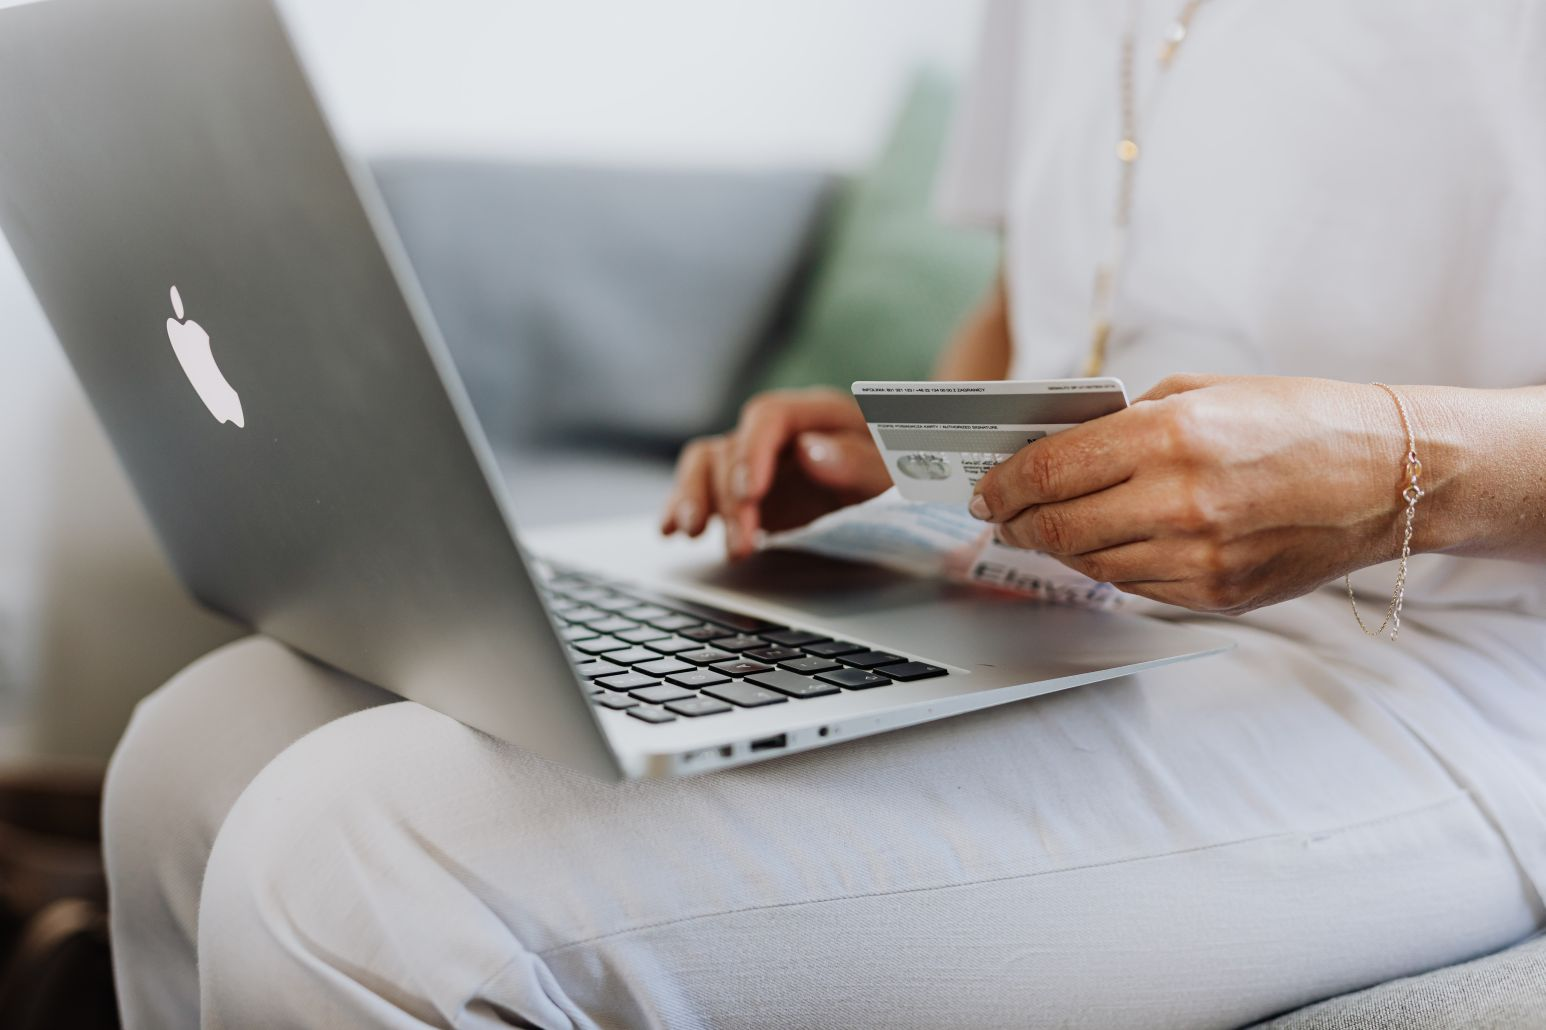 świąteczne zakupy online 2020